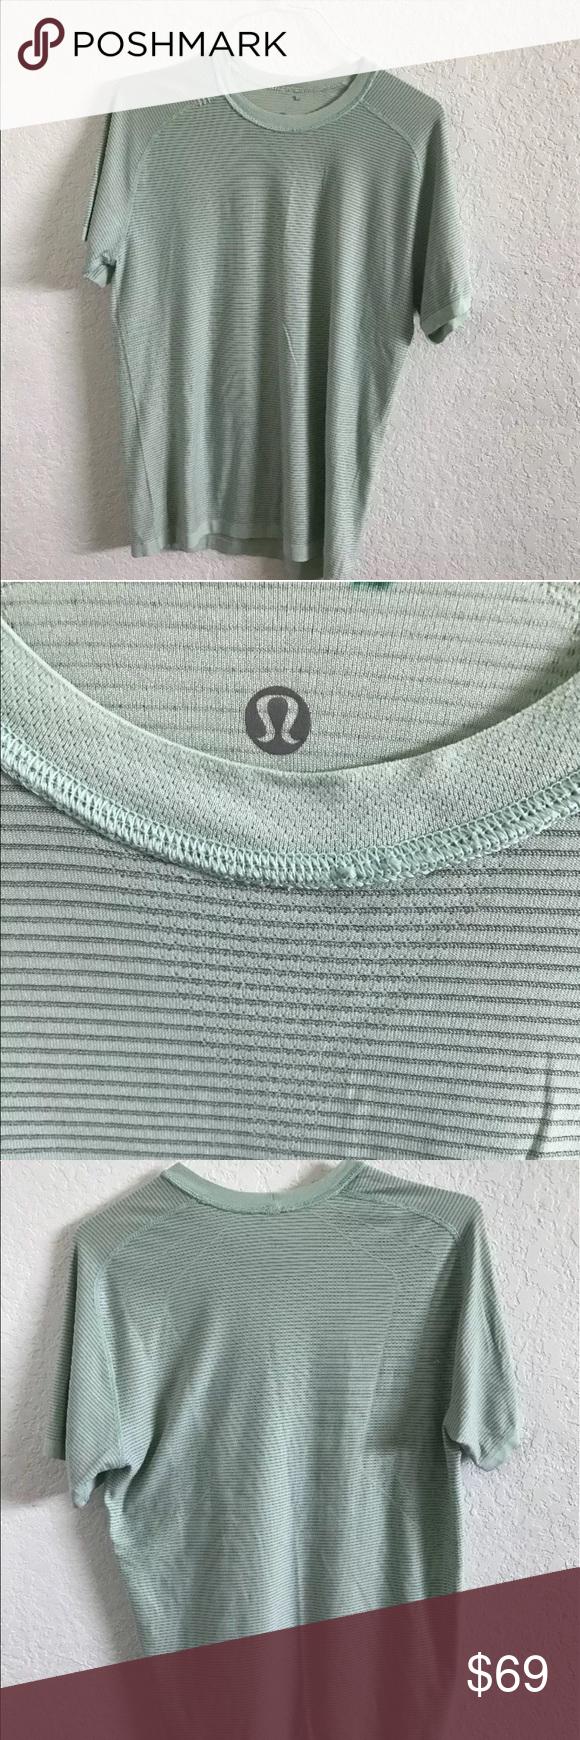 """Men's Lululemon Striped  Athletic Workout Shirt L Men's Lululemon Striped  Athletic Workout Yoga Shirt Sz Large chest 40"""" length 28"""" lululemon athletica Shirts Tees - Short Sleeve"""